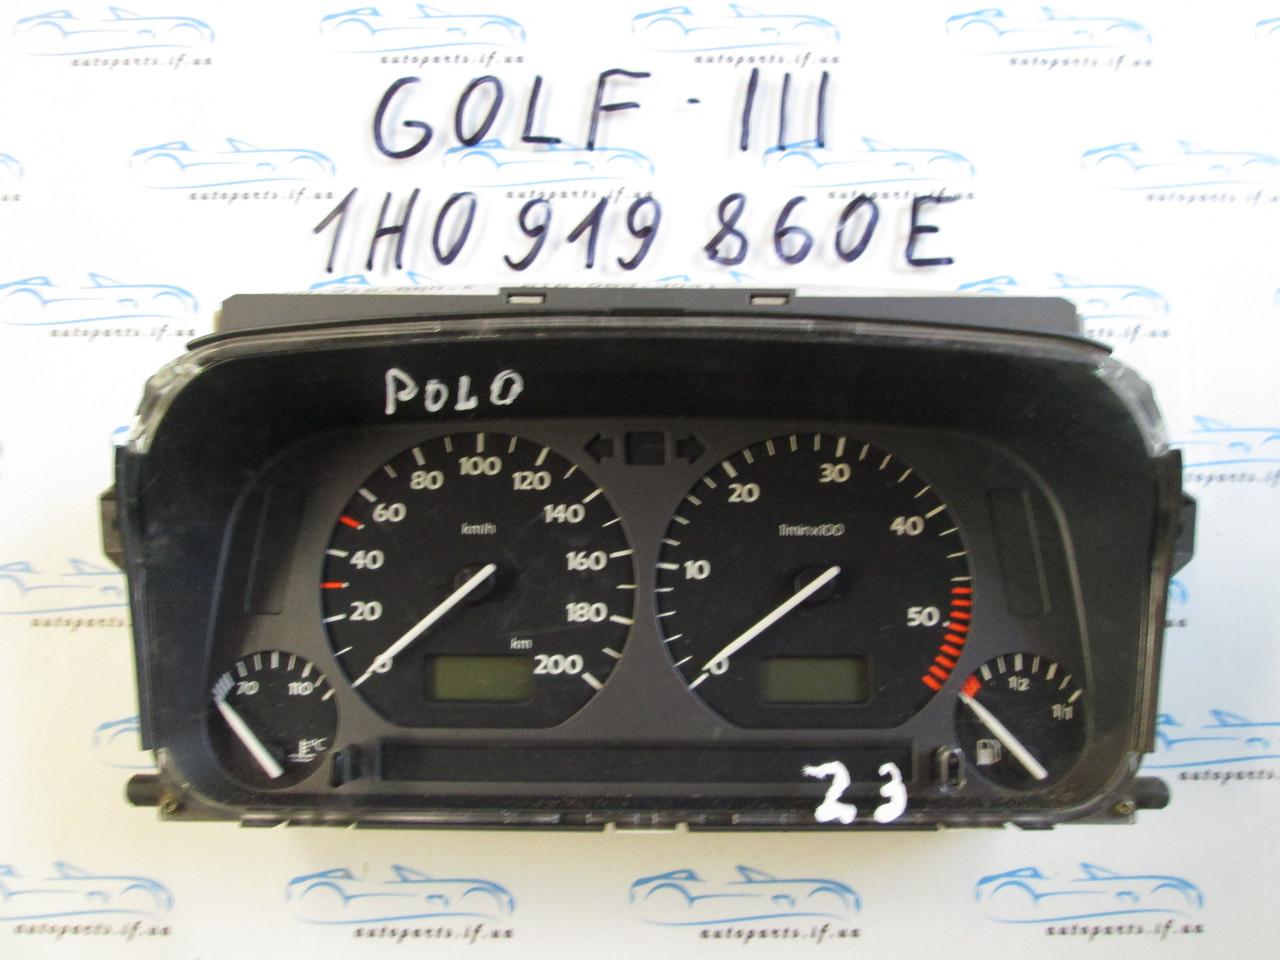 Панель приборов Golf 3, Гольф 3 1H0919860E